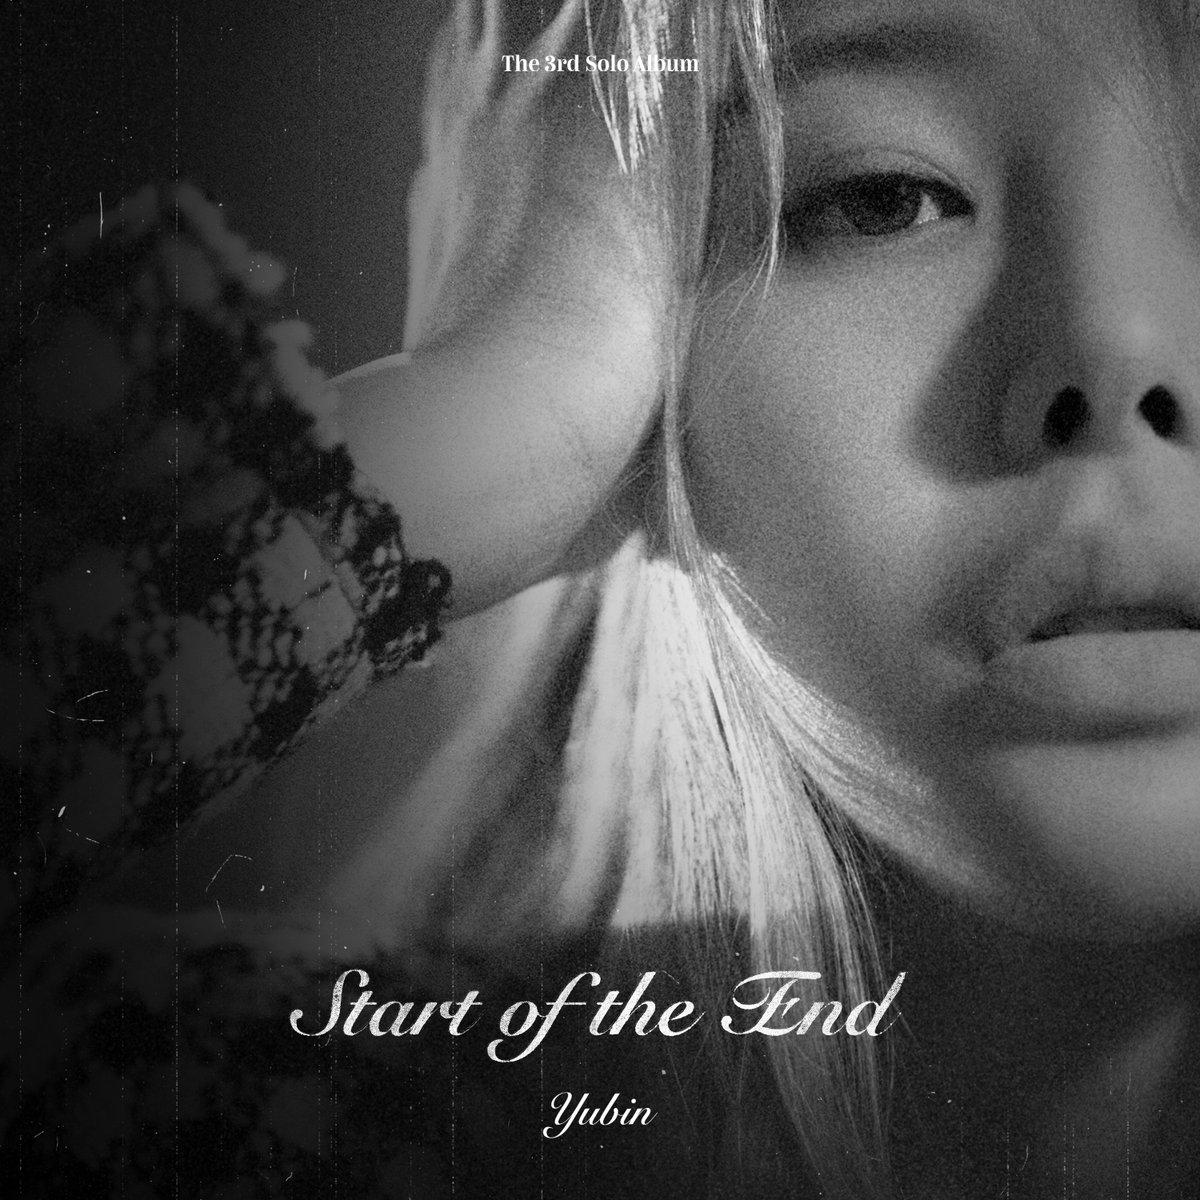 유빈(Yubin) <Start of The End> ONLINE COVER 2019.10.30 WED 6PM 무성영화 (feat. 윤미래) M/V Cast. 박나래 #유빈 #Yubin #StartoftheEnd #무성영화 #SilentMovie #유빈_COMEBACK